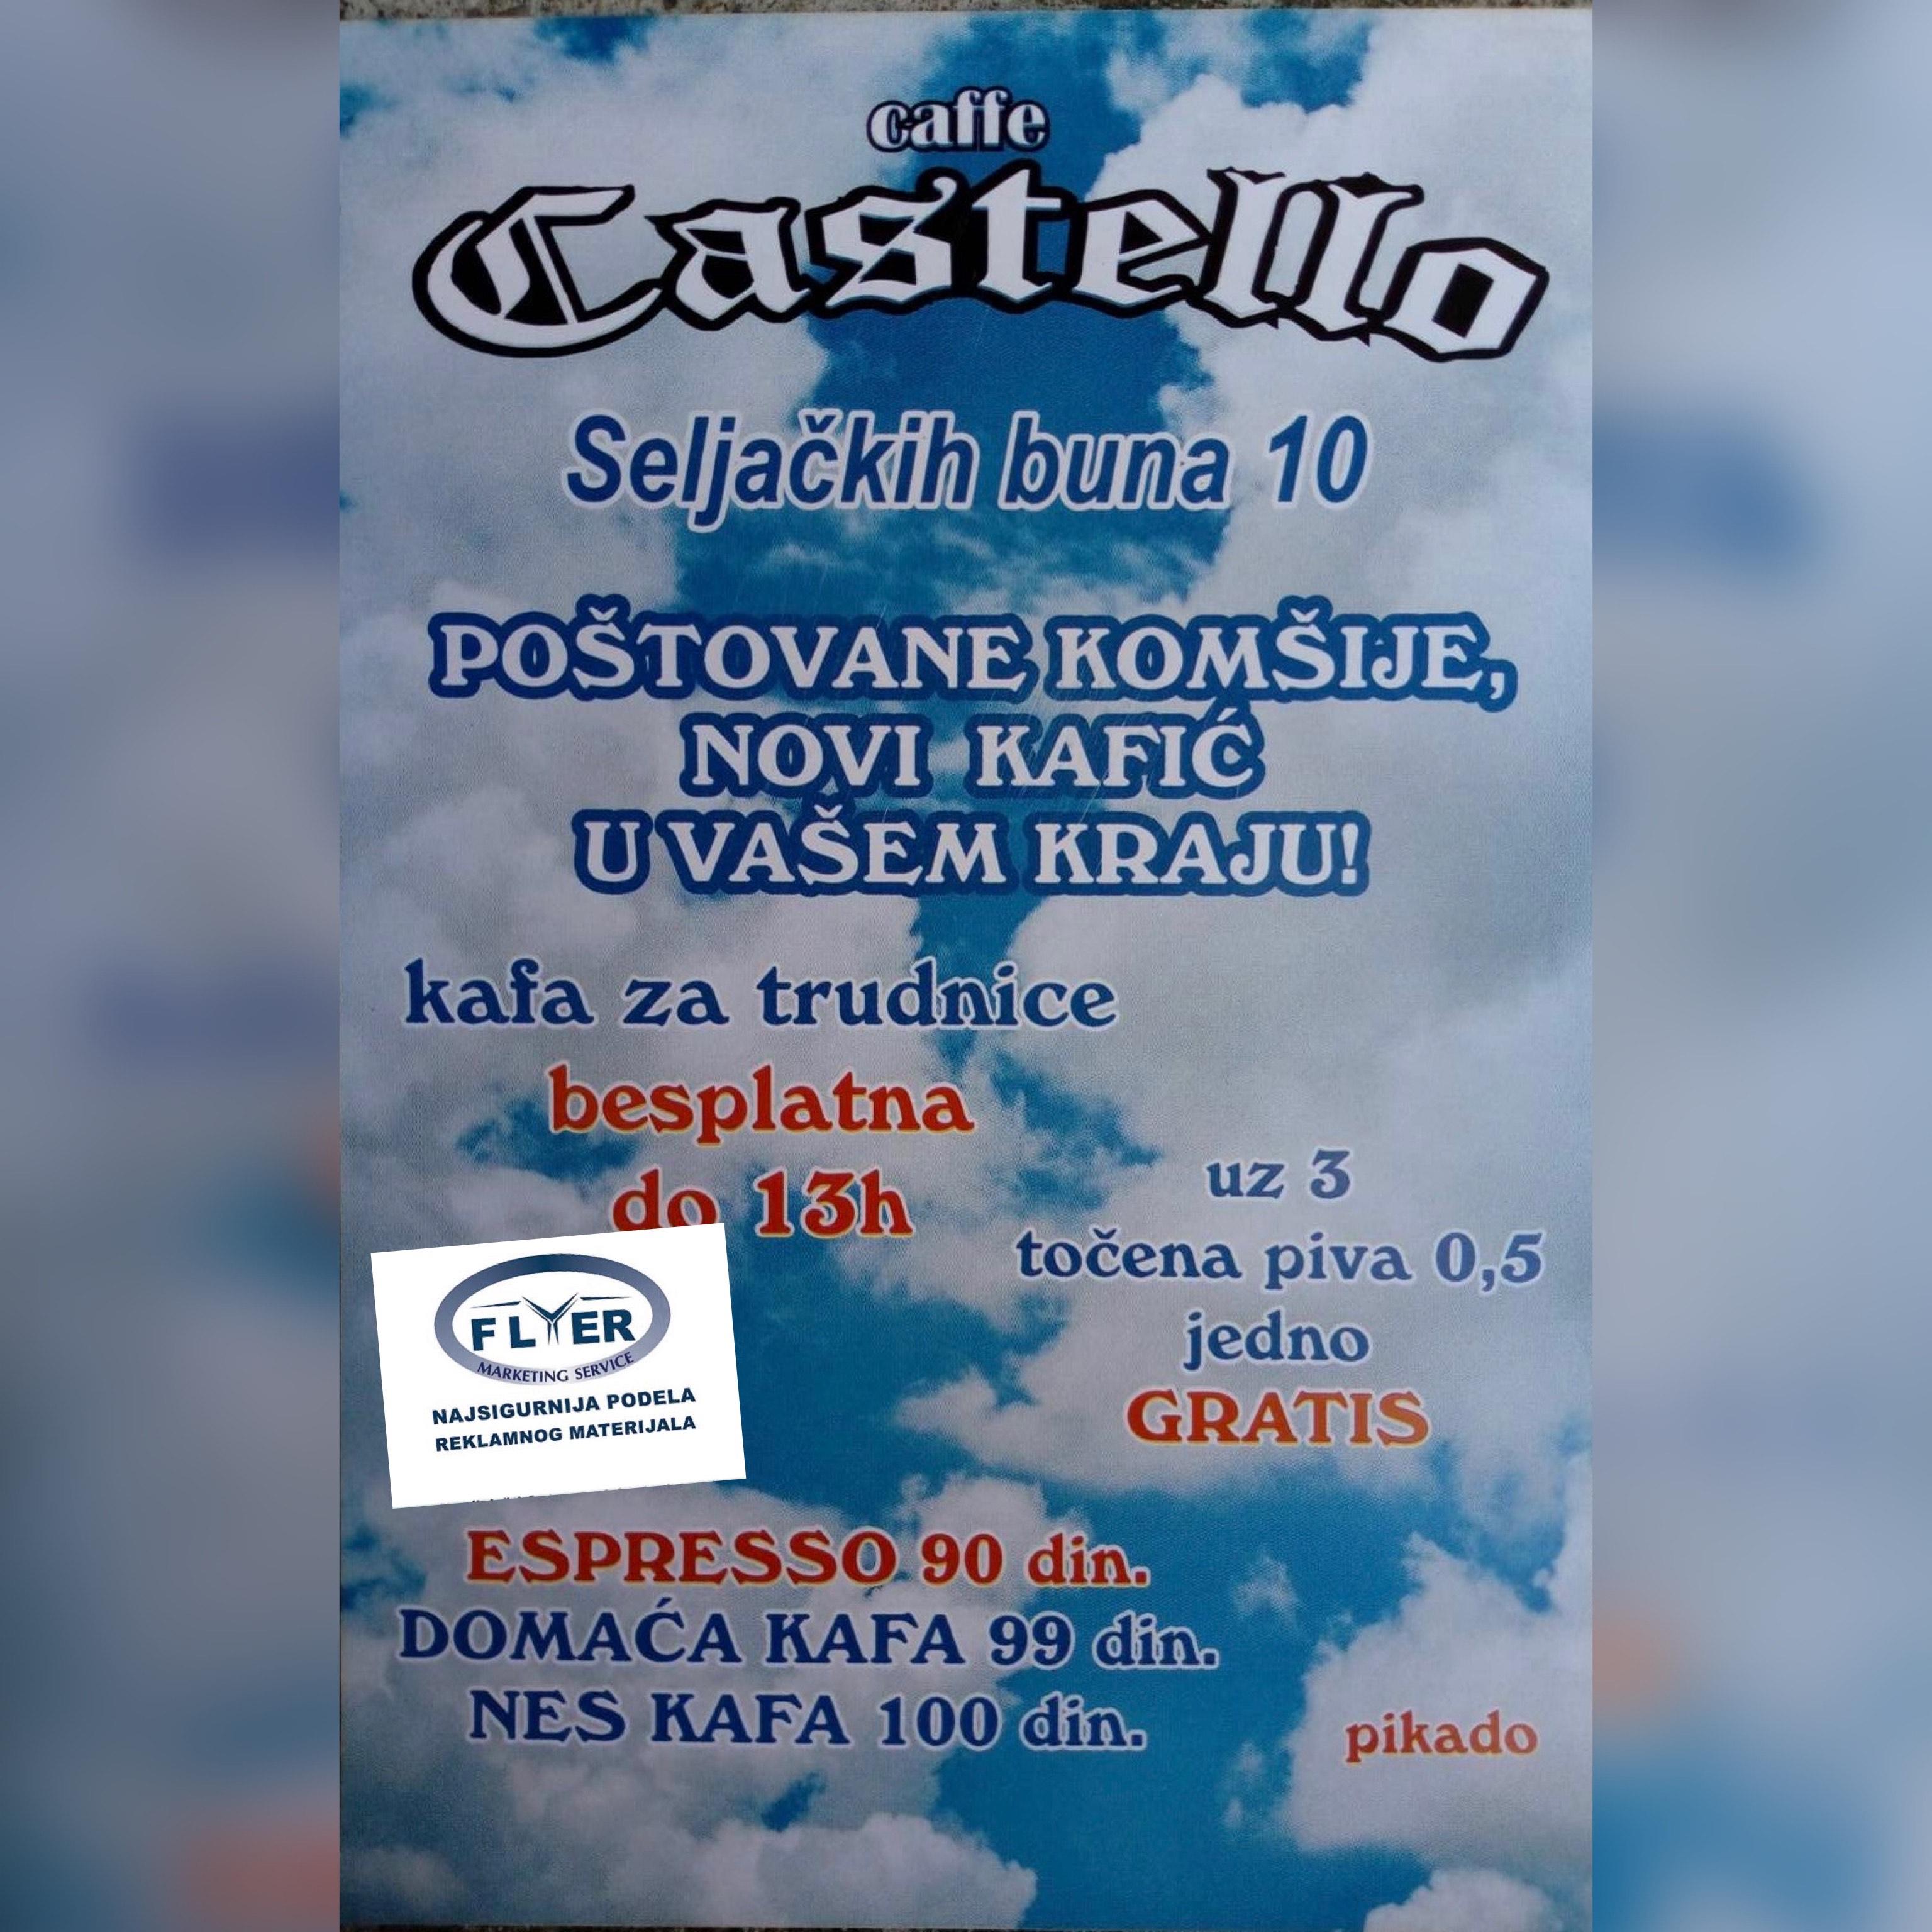 Podela flajera za rođendaonicu-igraonicu Castello